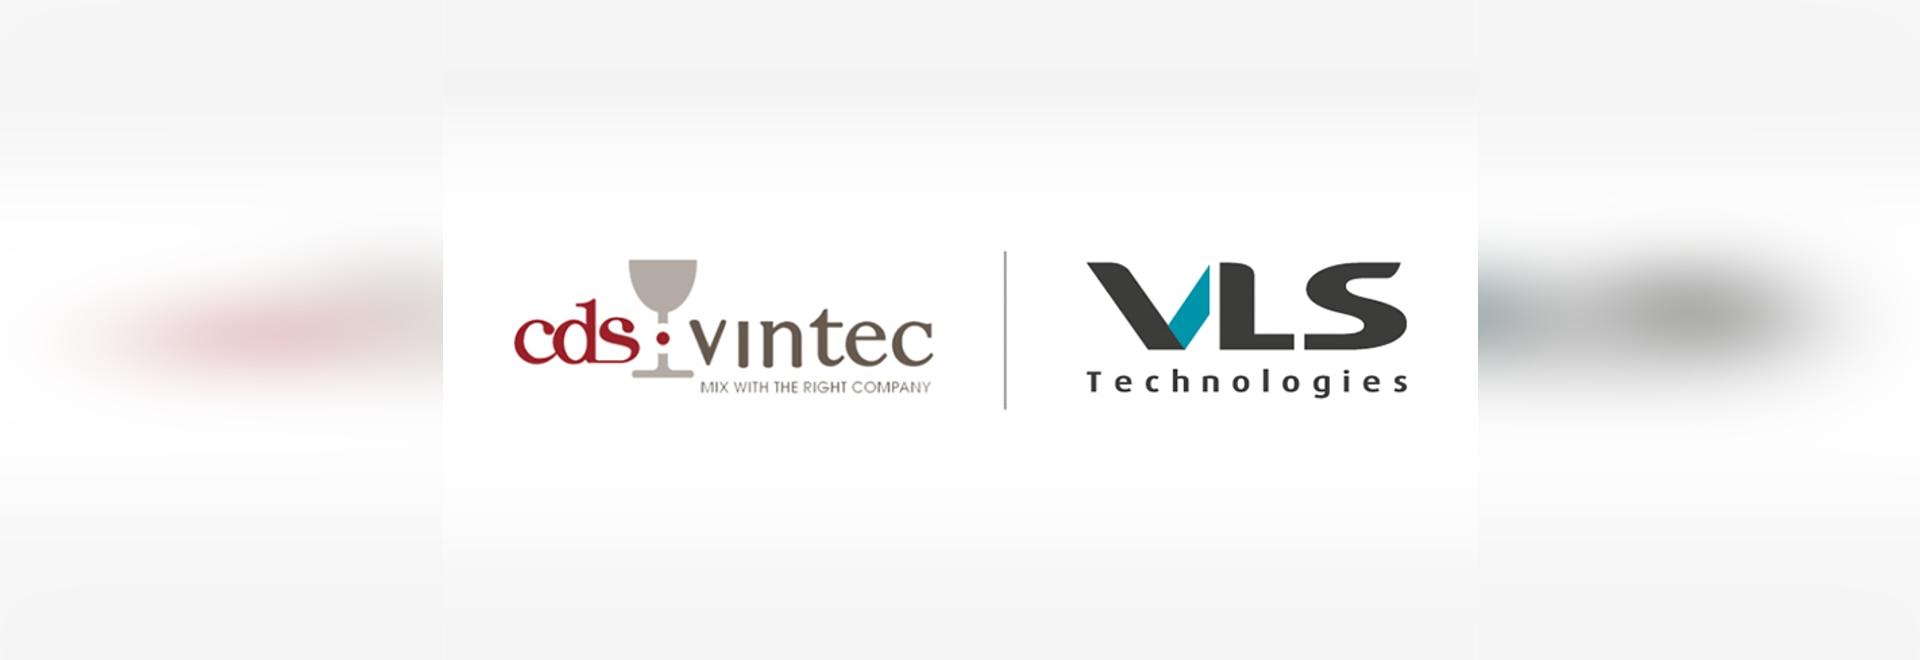 Asociación de VLS Technologies con CDS Vintec en Sudáfrica